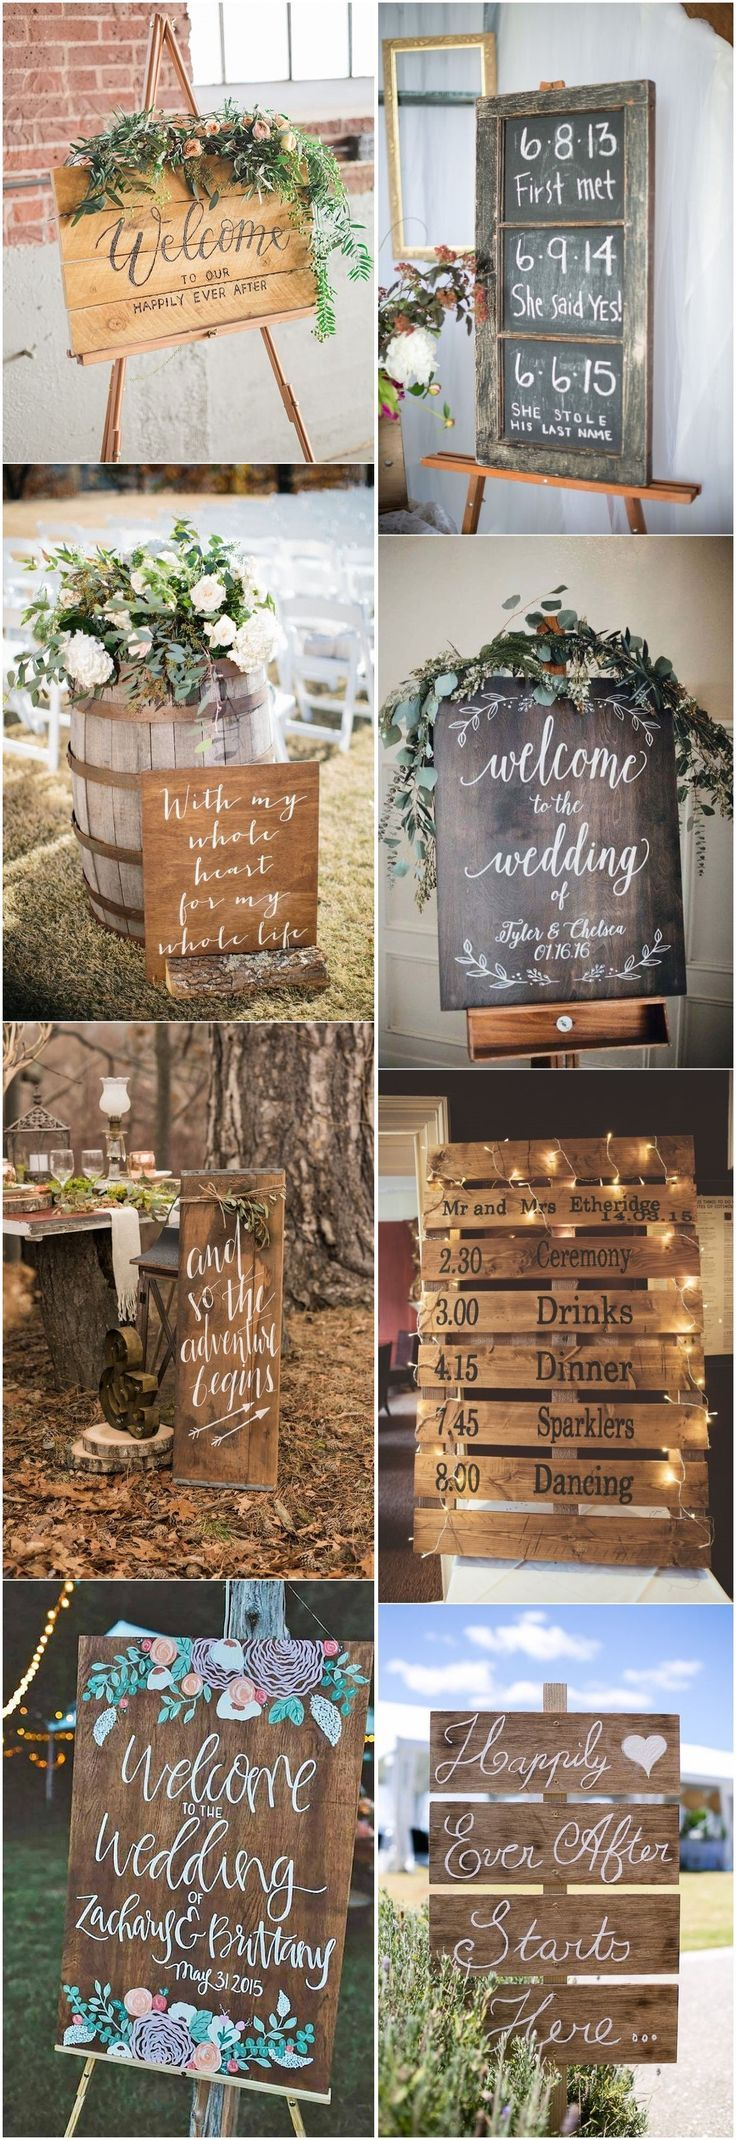 18 idées de signes de mariage rustique rustique budget-friendly – Tieing the knot, someday